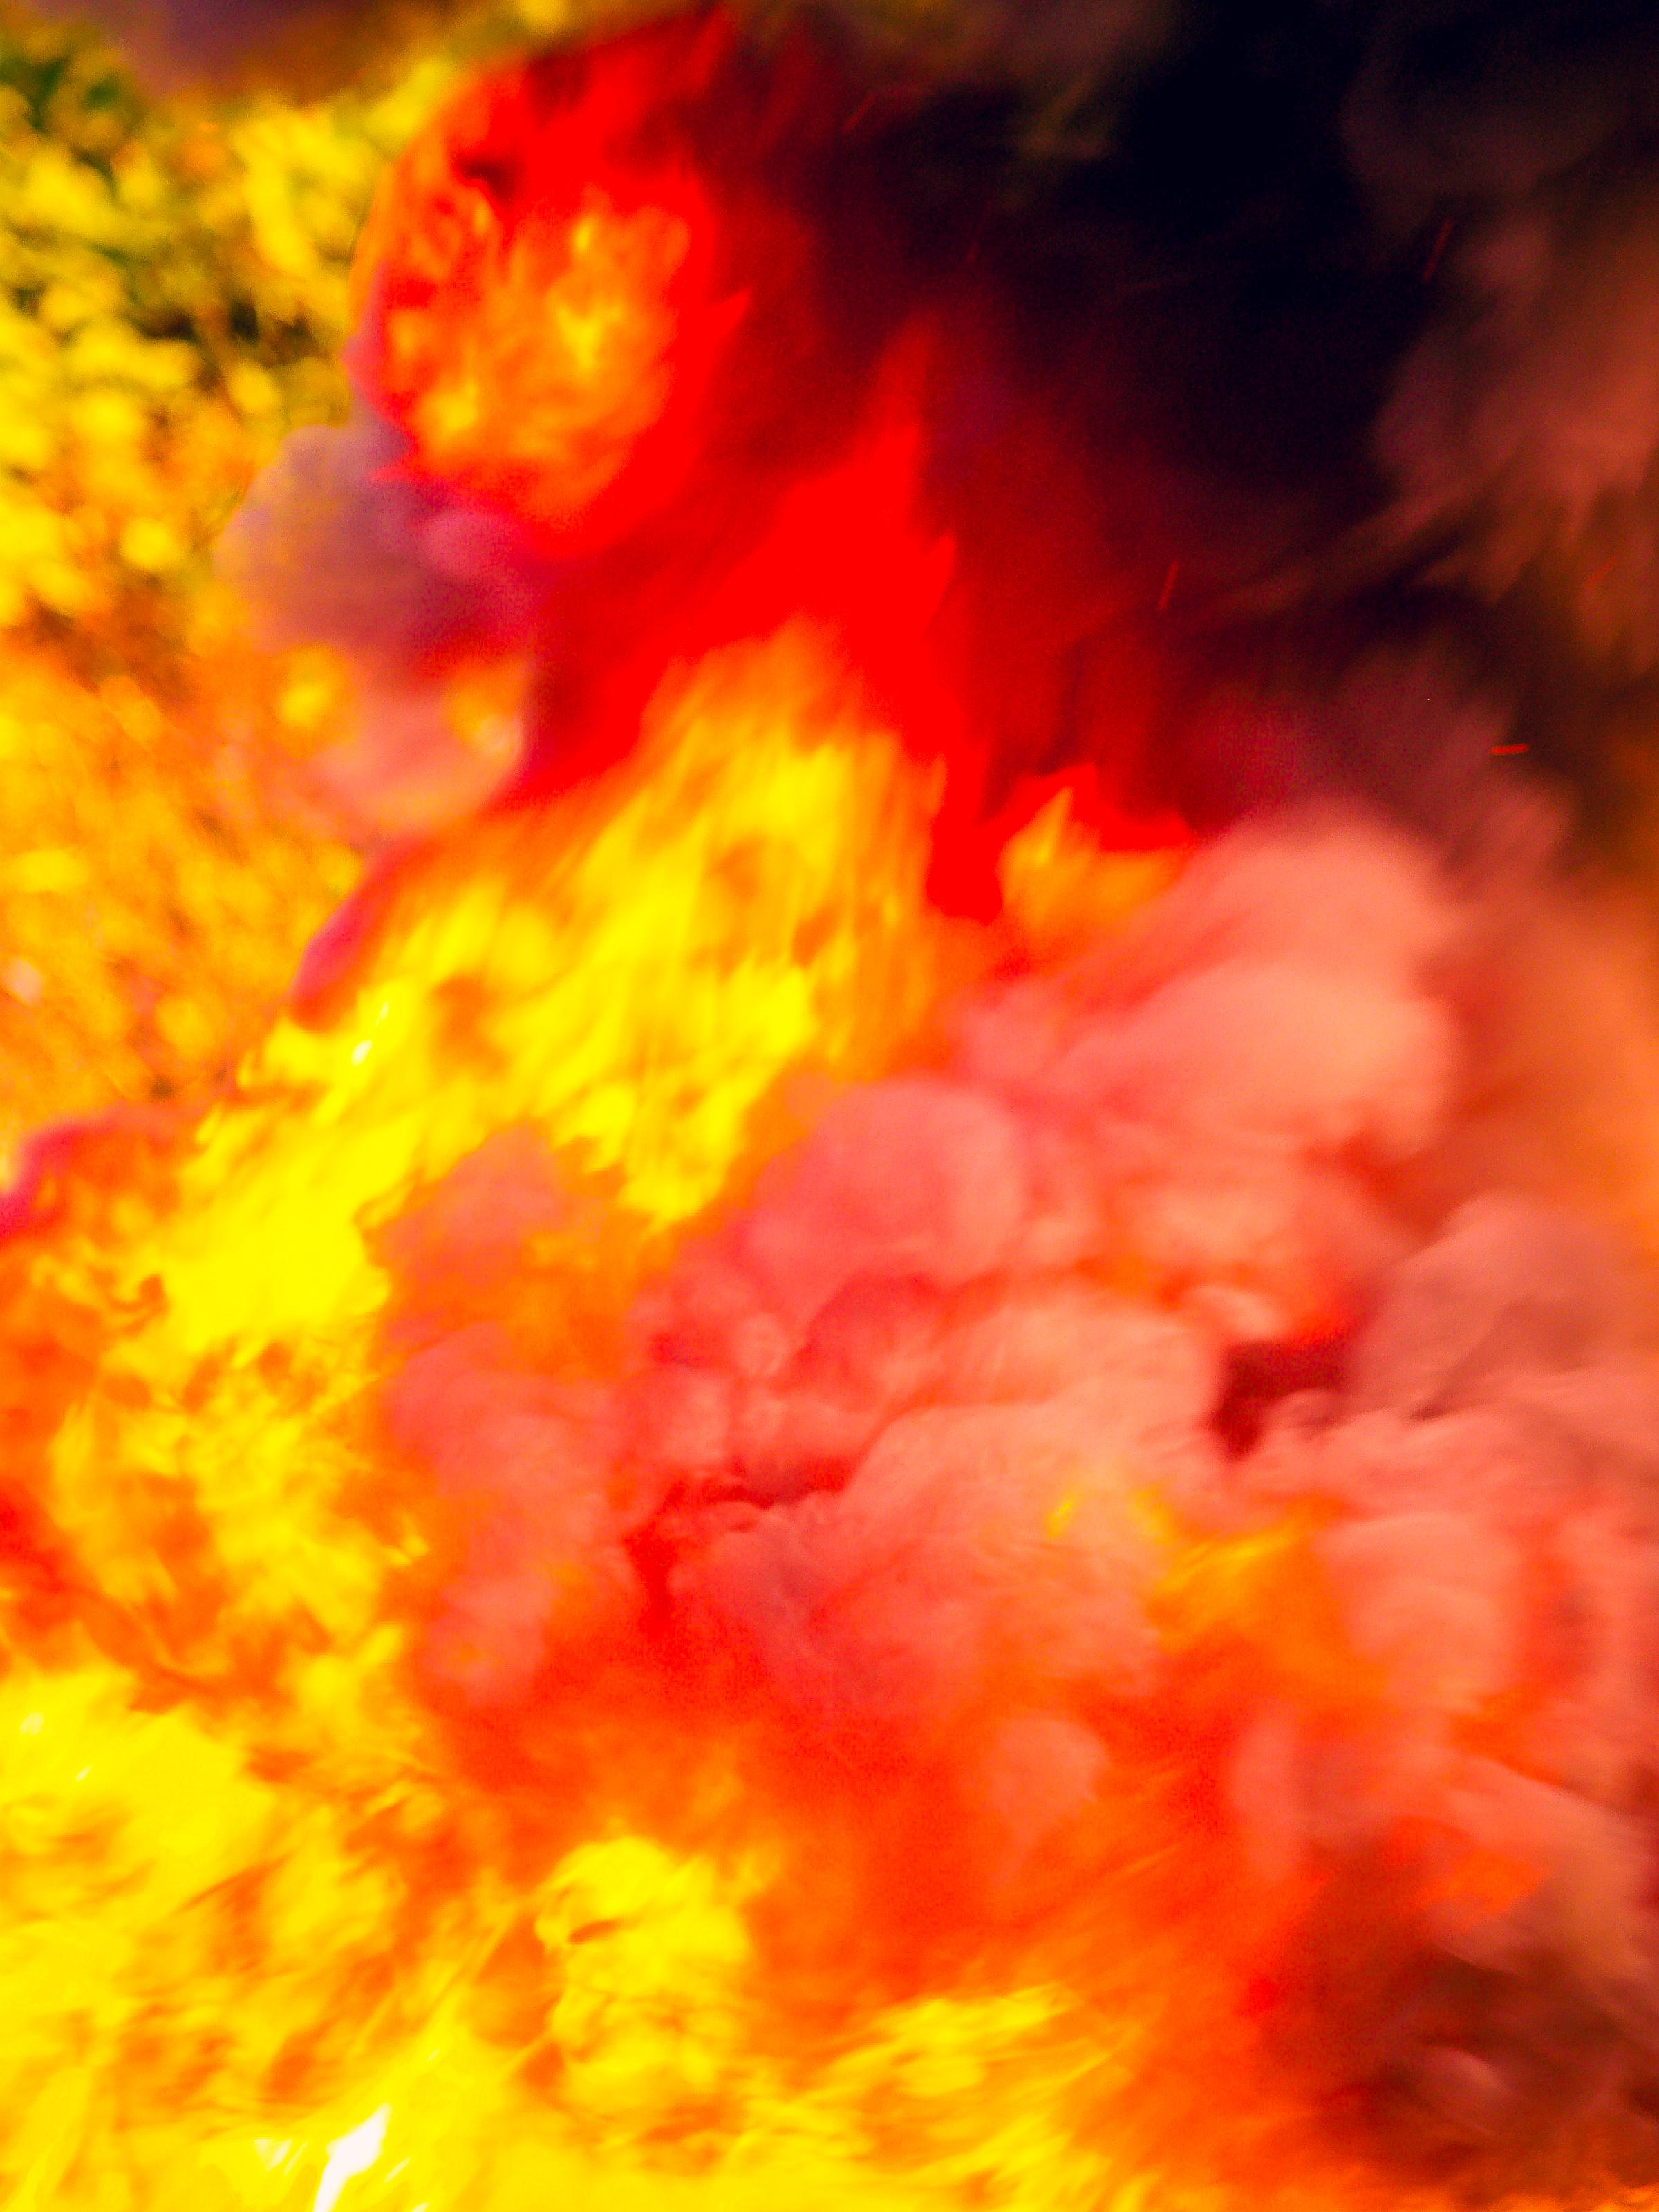 hình ảnh : ngọn lửa, Ngọn lửa, nhiệt, đốt cháy, nóng bức, Đốt lửa, ấm áp, Bốc lửa, lý lịch, Inferno, Nguy hiểm, Gần, trái cam, Lửa trại, Địa ngục, Rực rỡ, ...